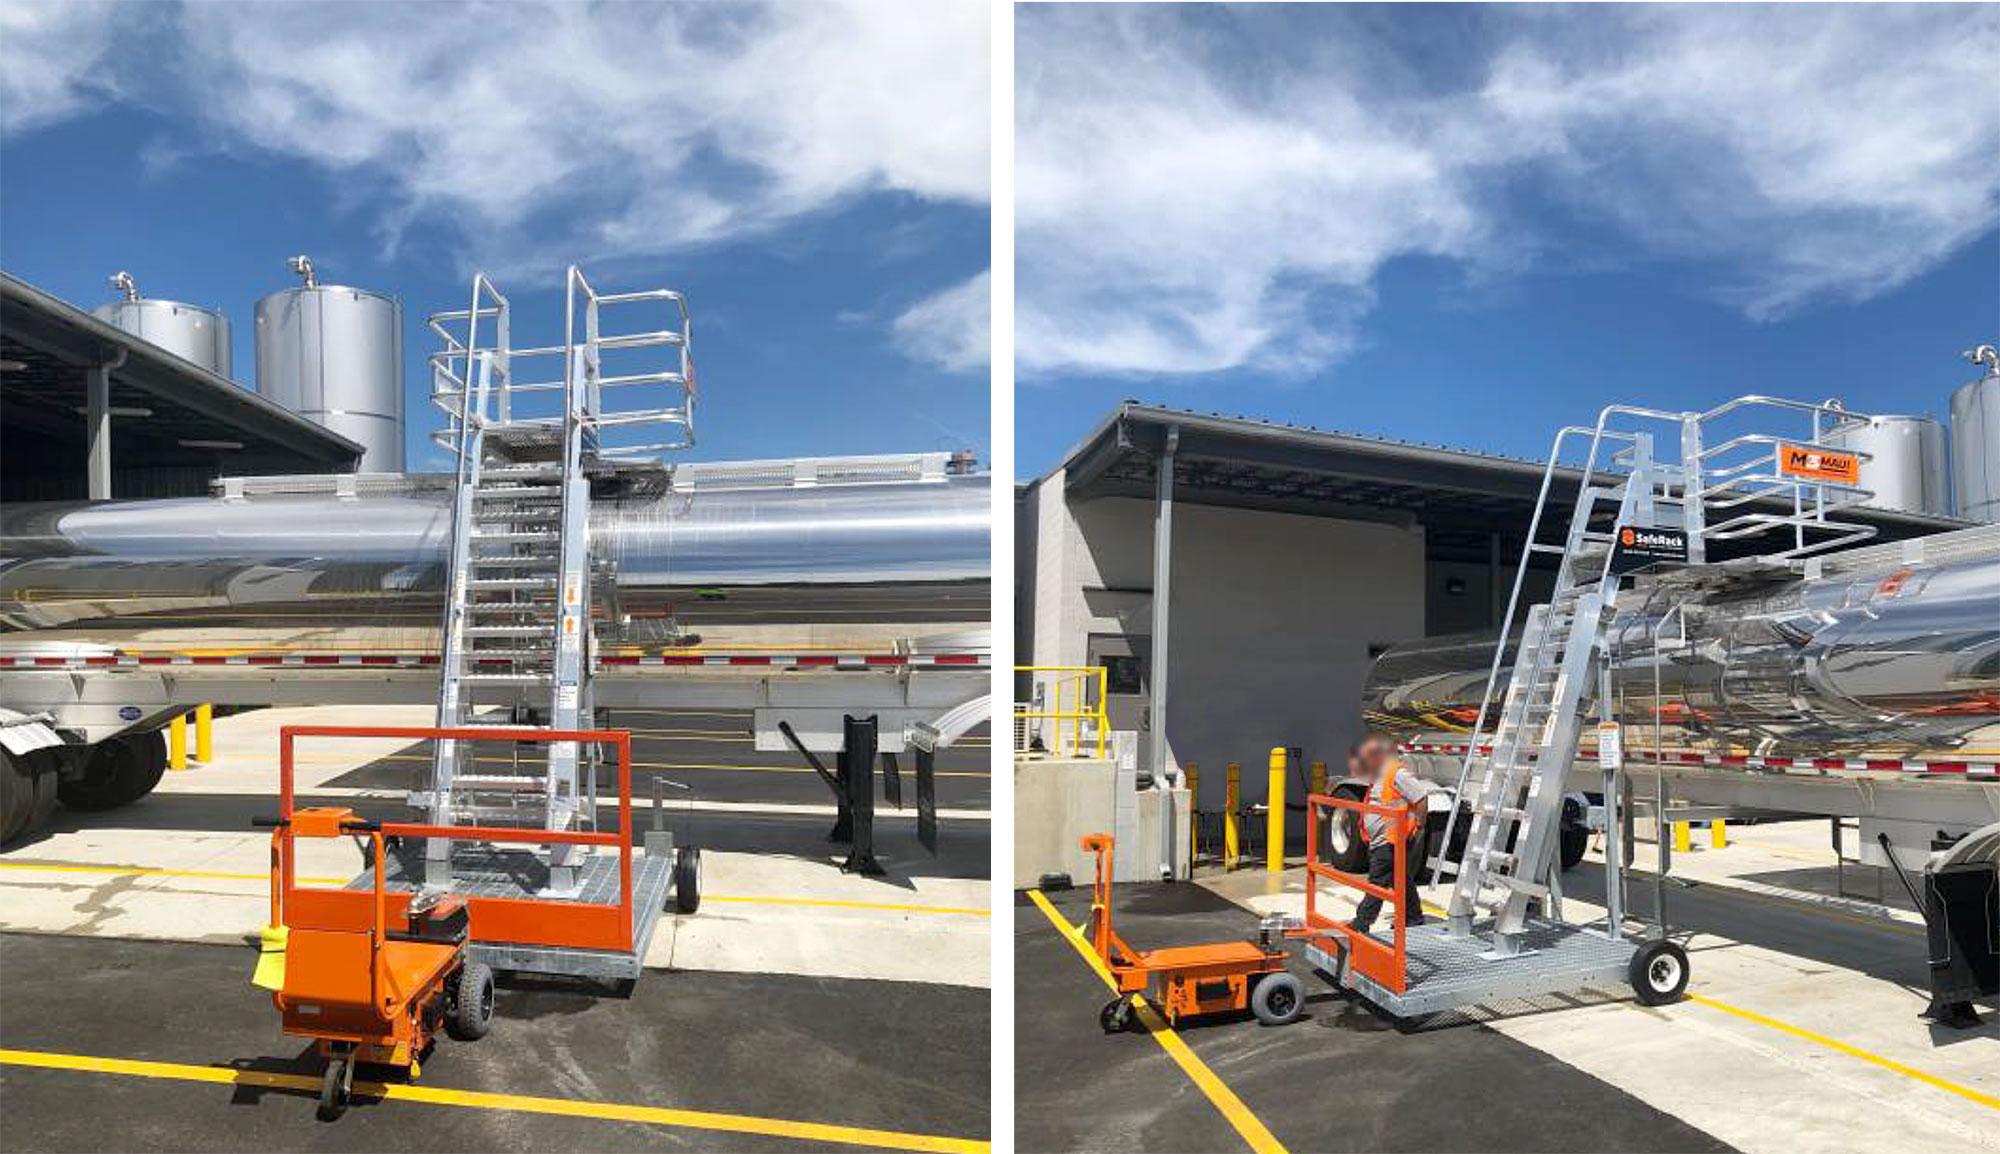 SafeRack's MAUI mobile truck loading platform